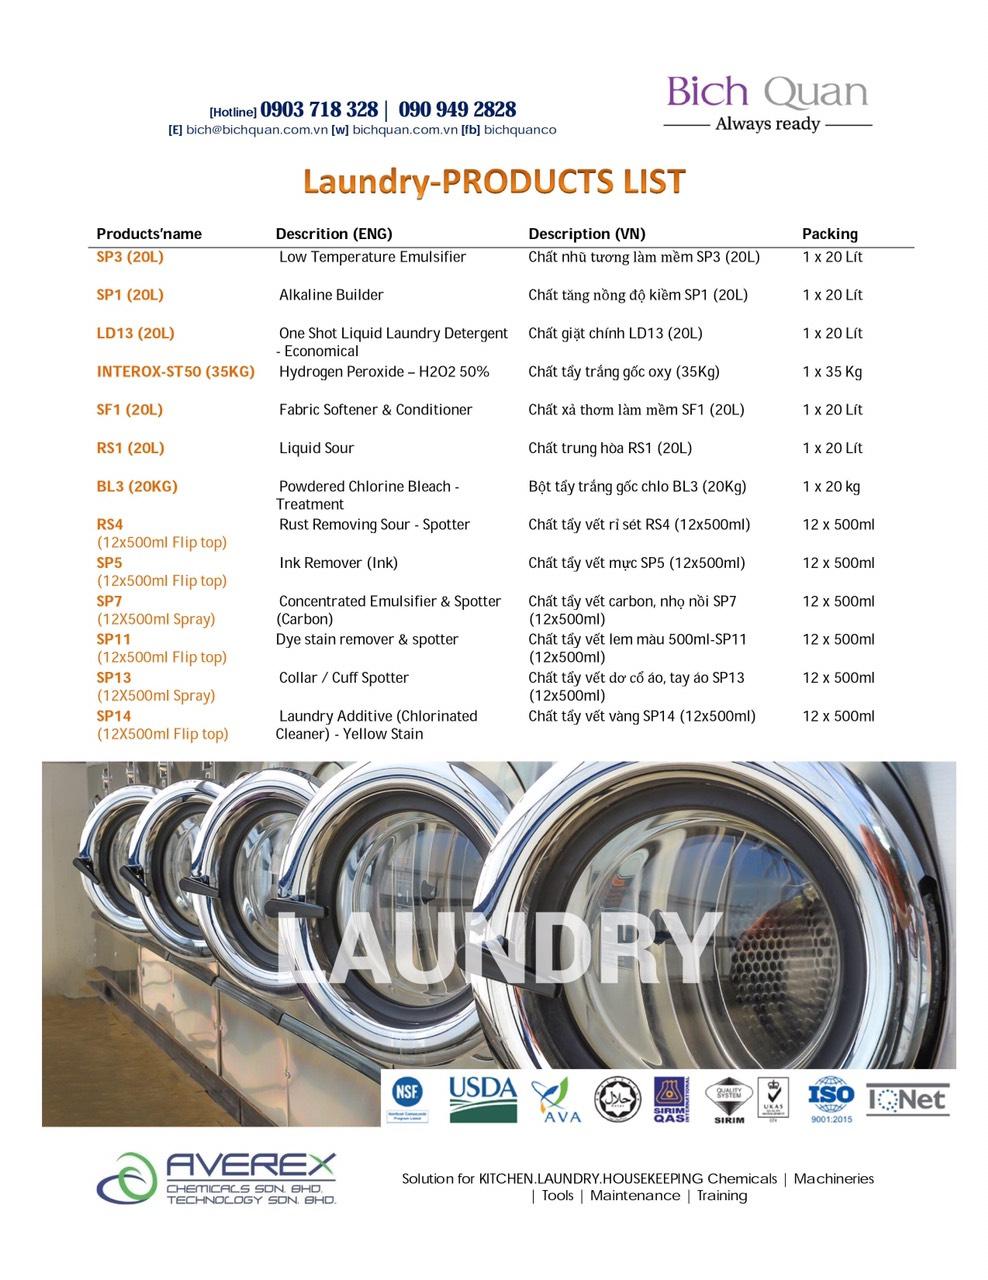 LAUNDRY Chemicals-Hóa chất giặt là công nghiệp 6 trong 1 & Hóa chất tẩy điểm, tẩy đốm vết dơ chuyên nghiệp